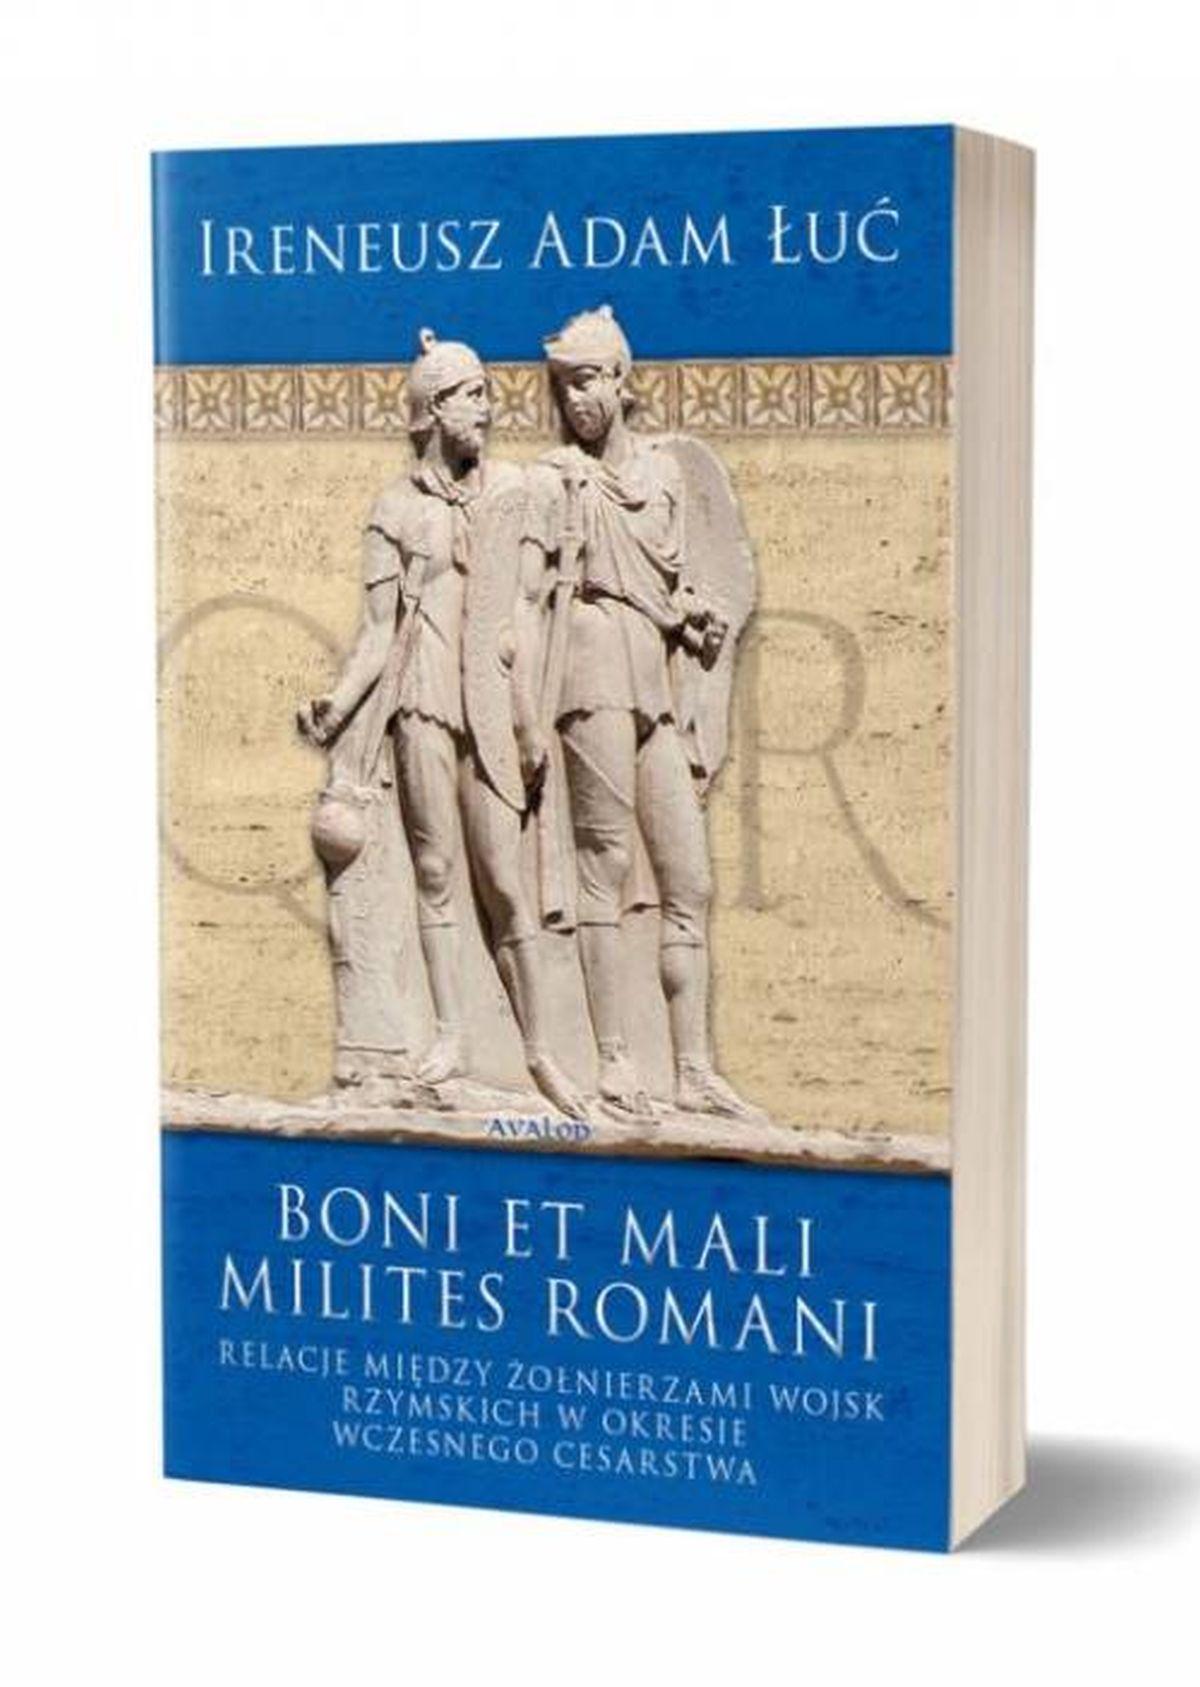 Boni et mali milites romani. Relacje między żołnierzami wojsk rzymskich w okresie Wczesnego Cesarstwa